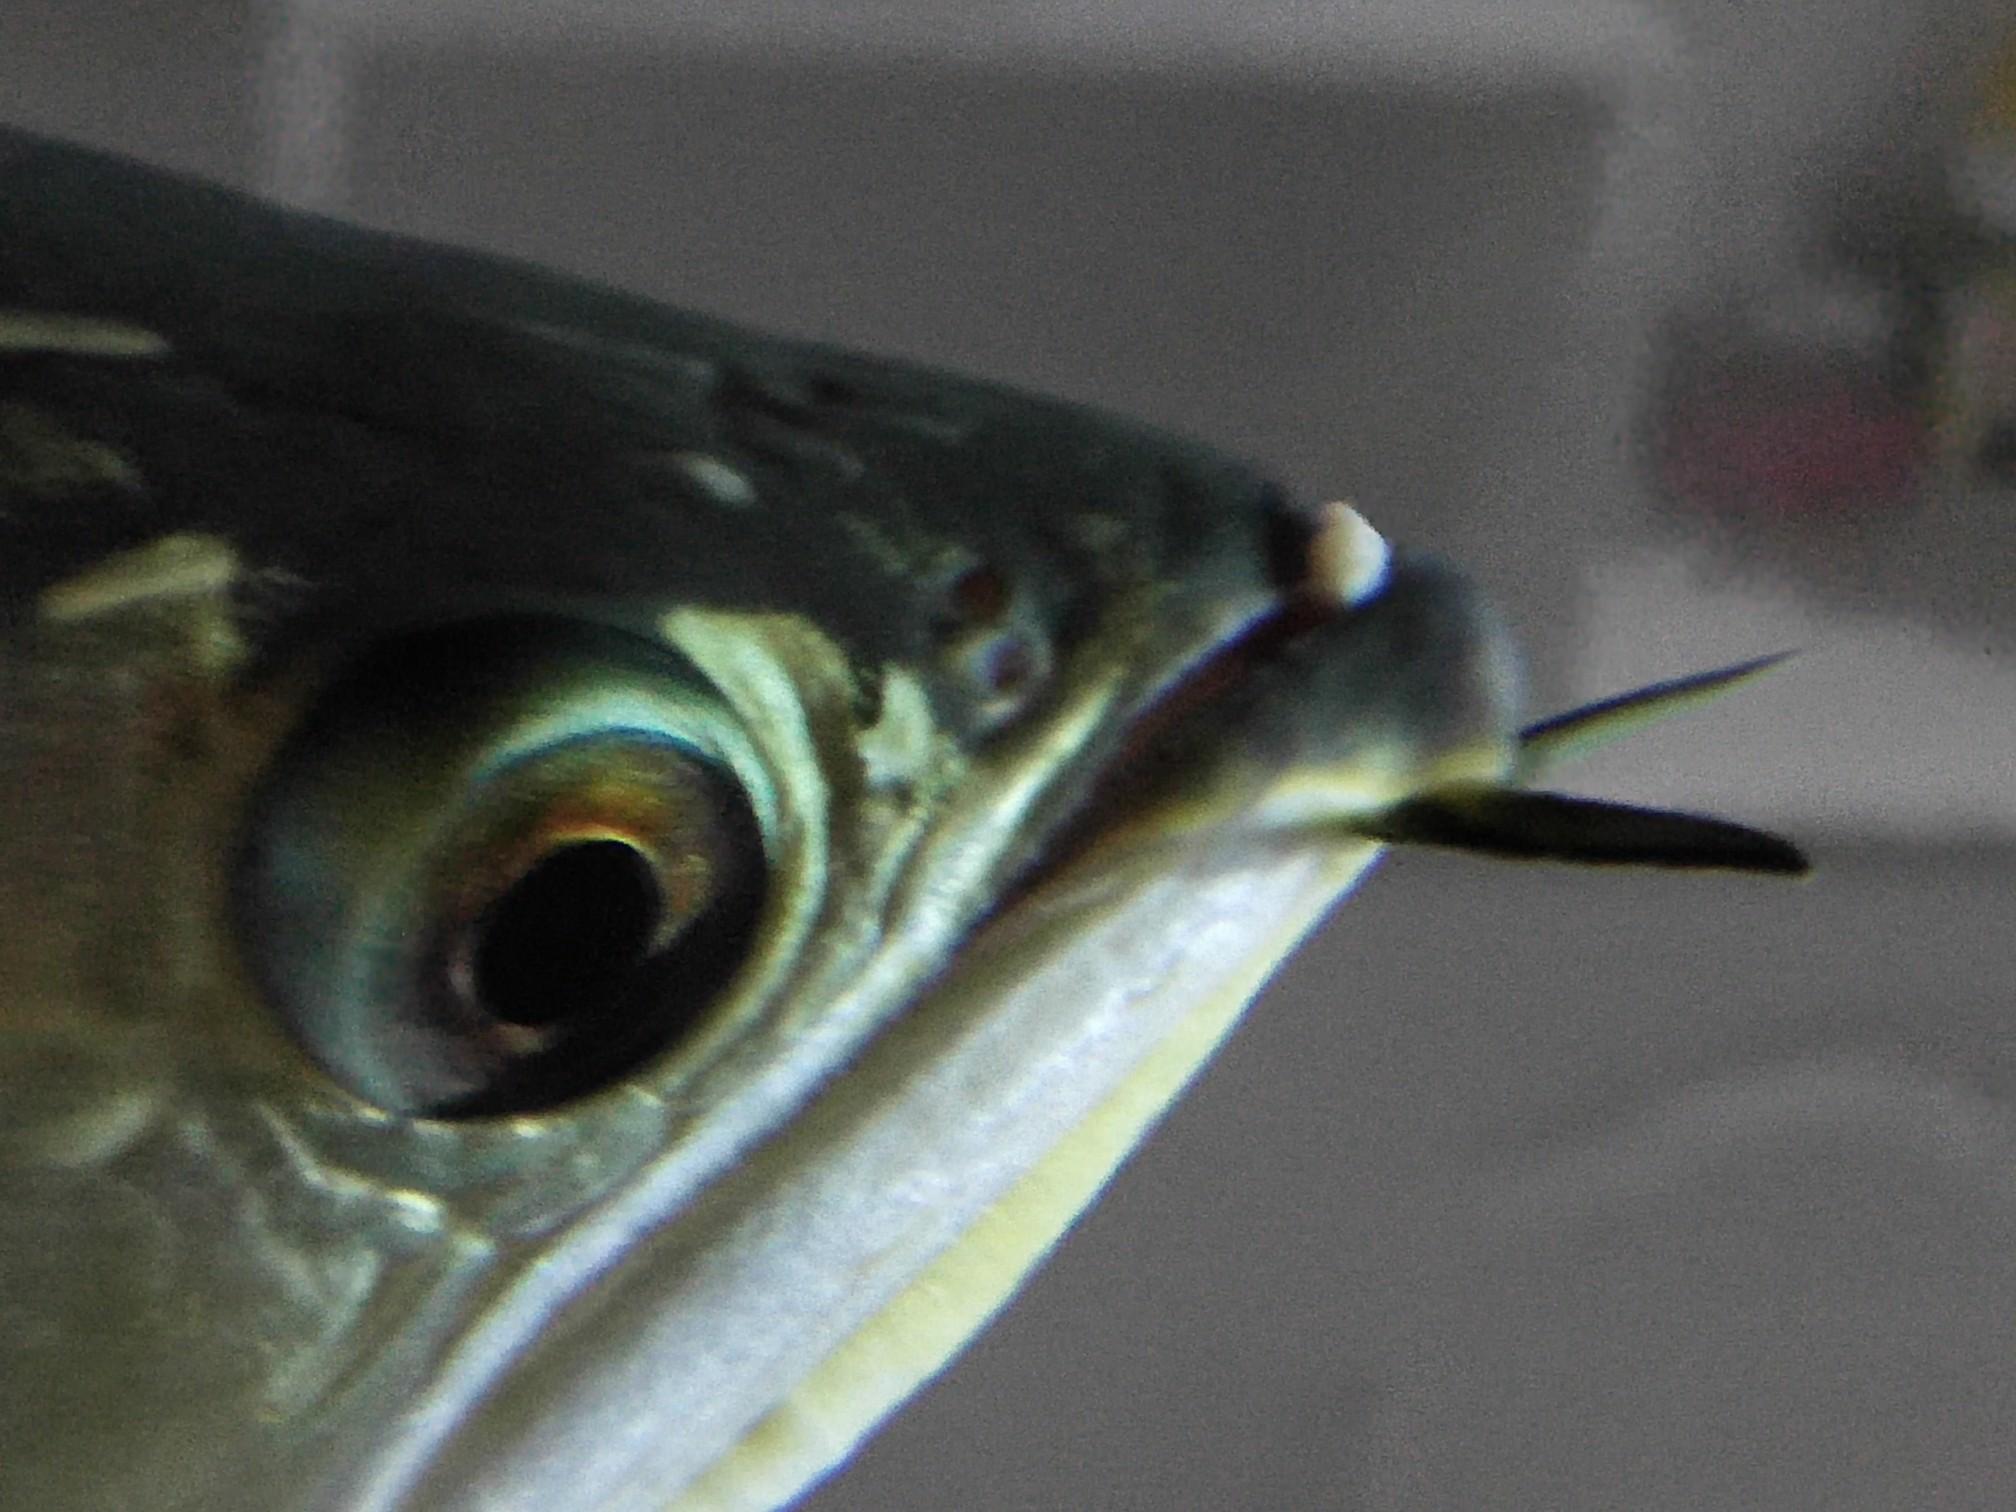 看看龙鱼嘴里长得什么 求治疗 西安观赏鱼信息 西安博特第2张